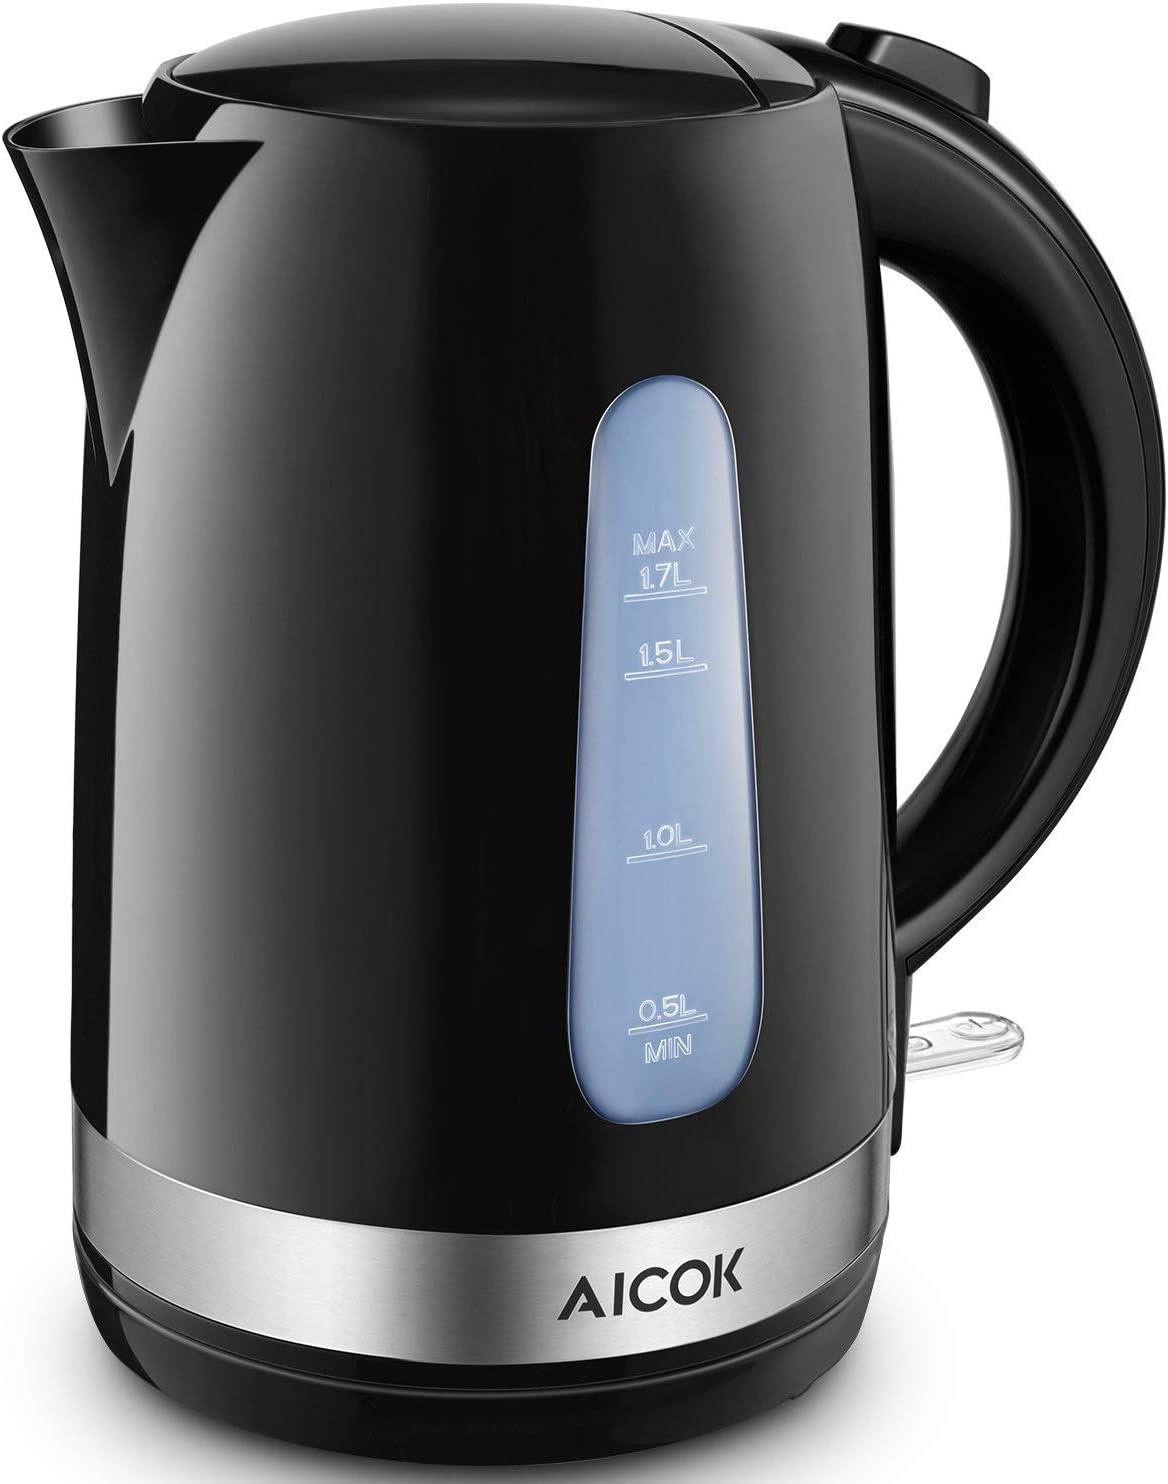 Bollitore Elettrico Regolabile 50-100/°C Spegnimento Automatico Bollitore Latte Inox e Nero Senza BPA Indicatore del Livello dAcqua Bollitore Acqua Twinzee 1,7L Senza Filo